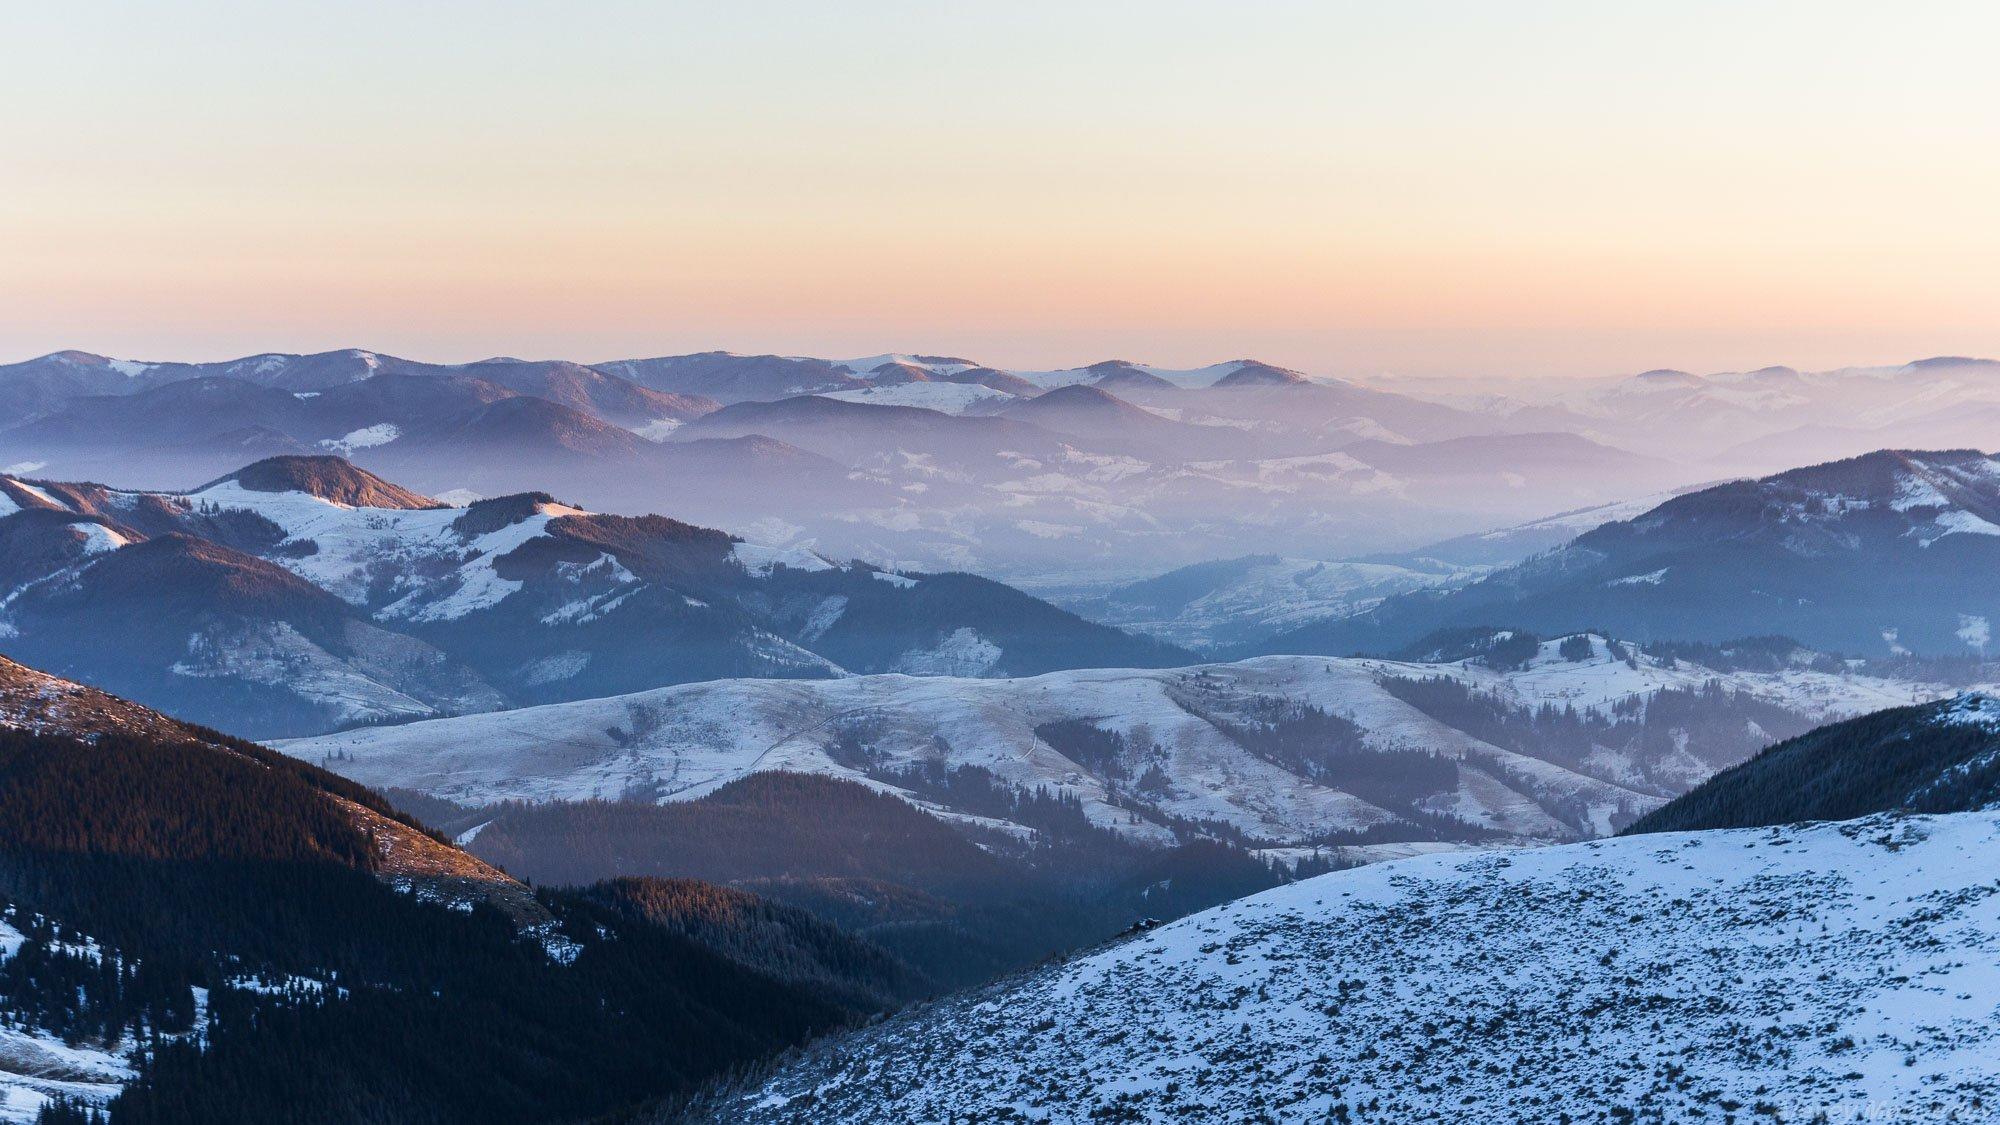 зима, Карпати, Карпаты, сумерки, Черногора, Верховина, Алексей Медведев